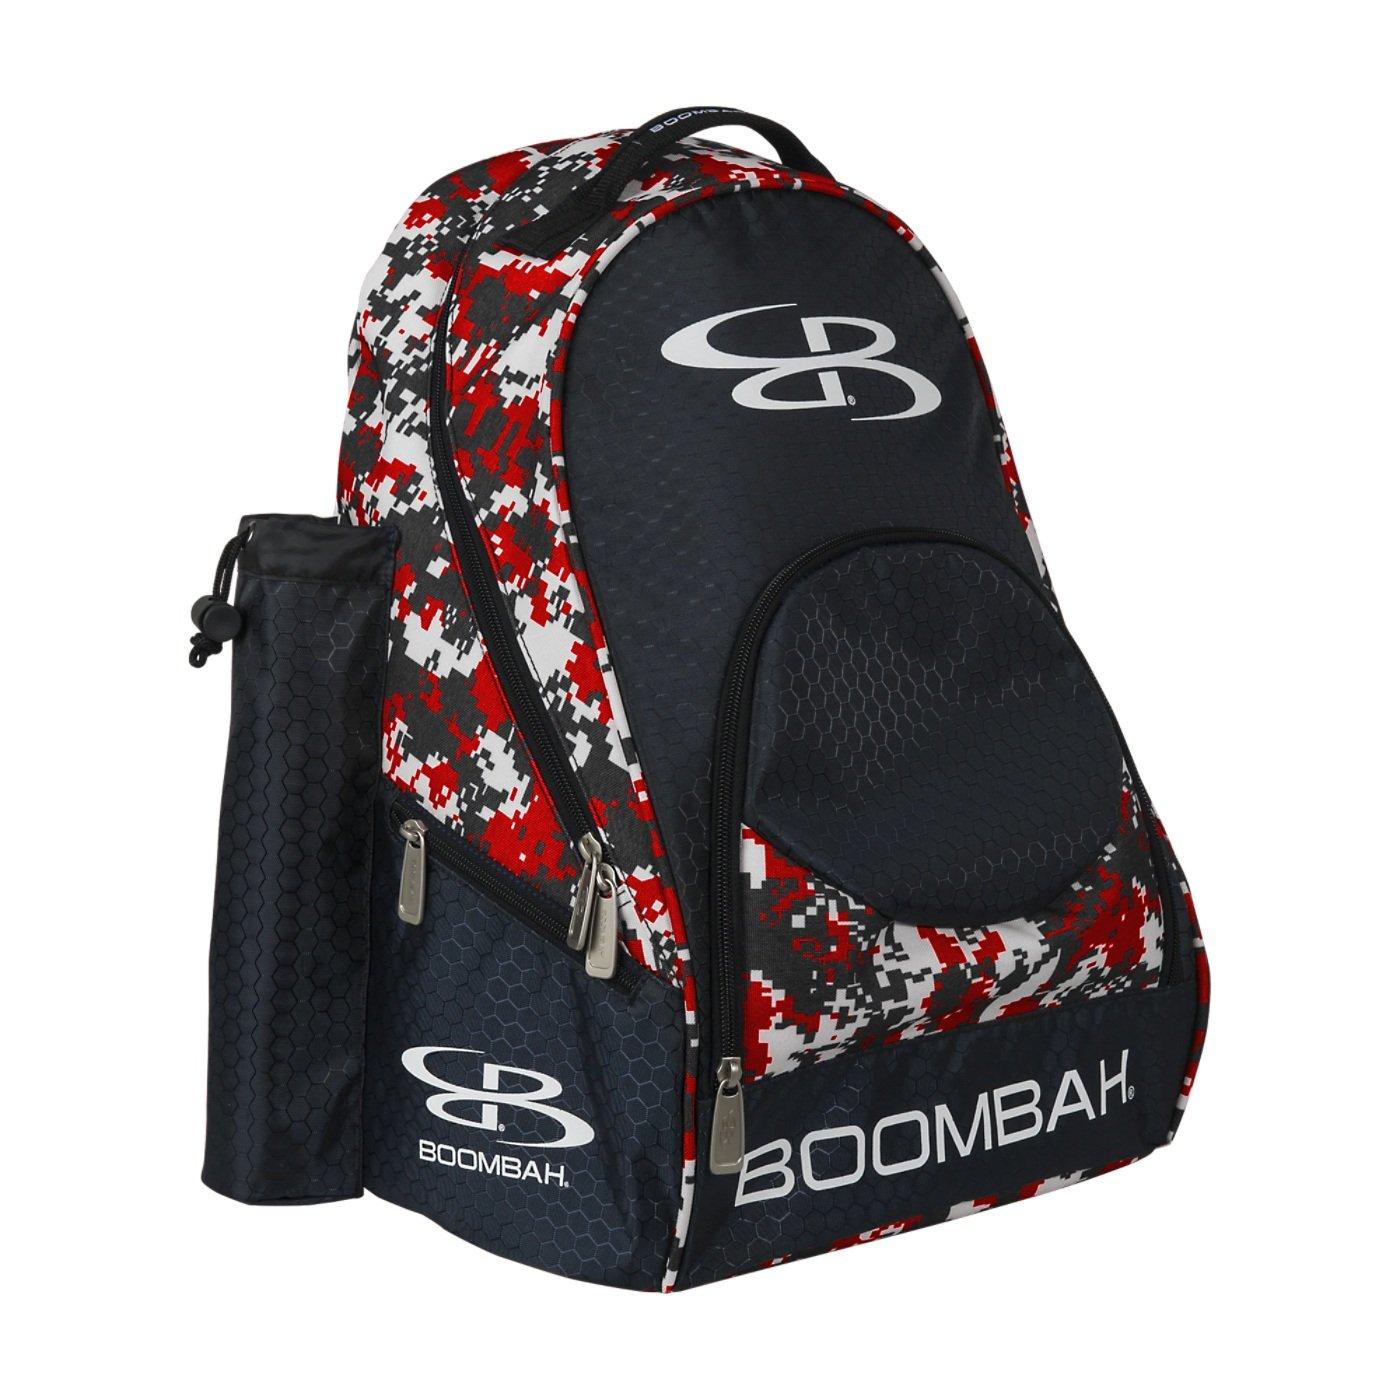 (ブームバー) Boombah Tyroシリーズ 野球/ソフトボールバットが収納できるバックパック 20x 15x10インチ 迷彩柄 20色展開 2-3/4インチまでのバットを2本収納可 B01MSSSQ4N ブラック/レッド ブラック/レッド